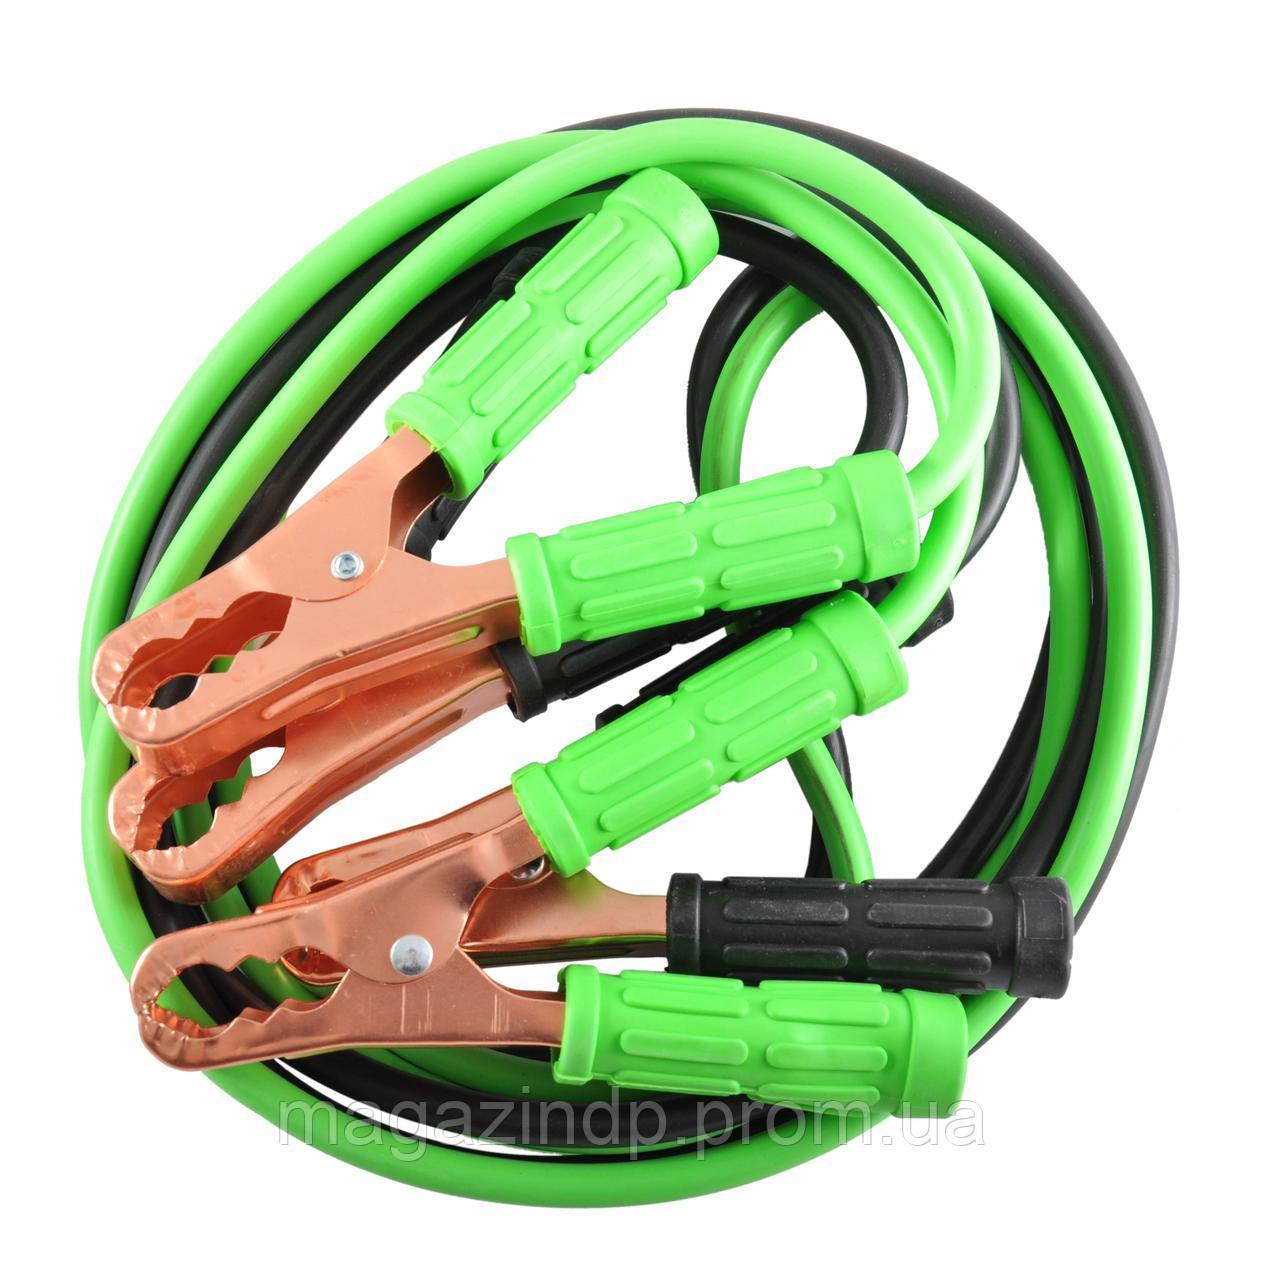 Провода-прикуриватели 500А, 3,5м, круглая сумка Код:661565330